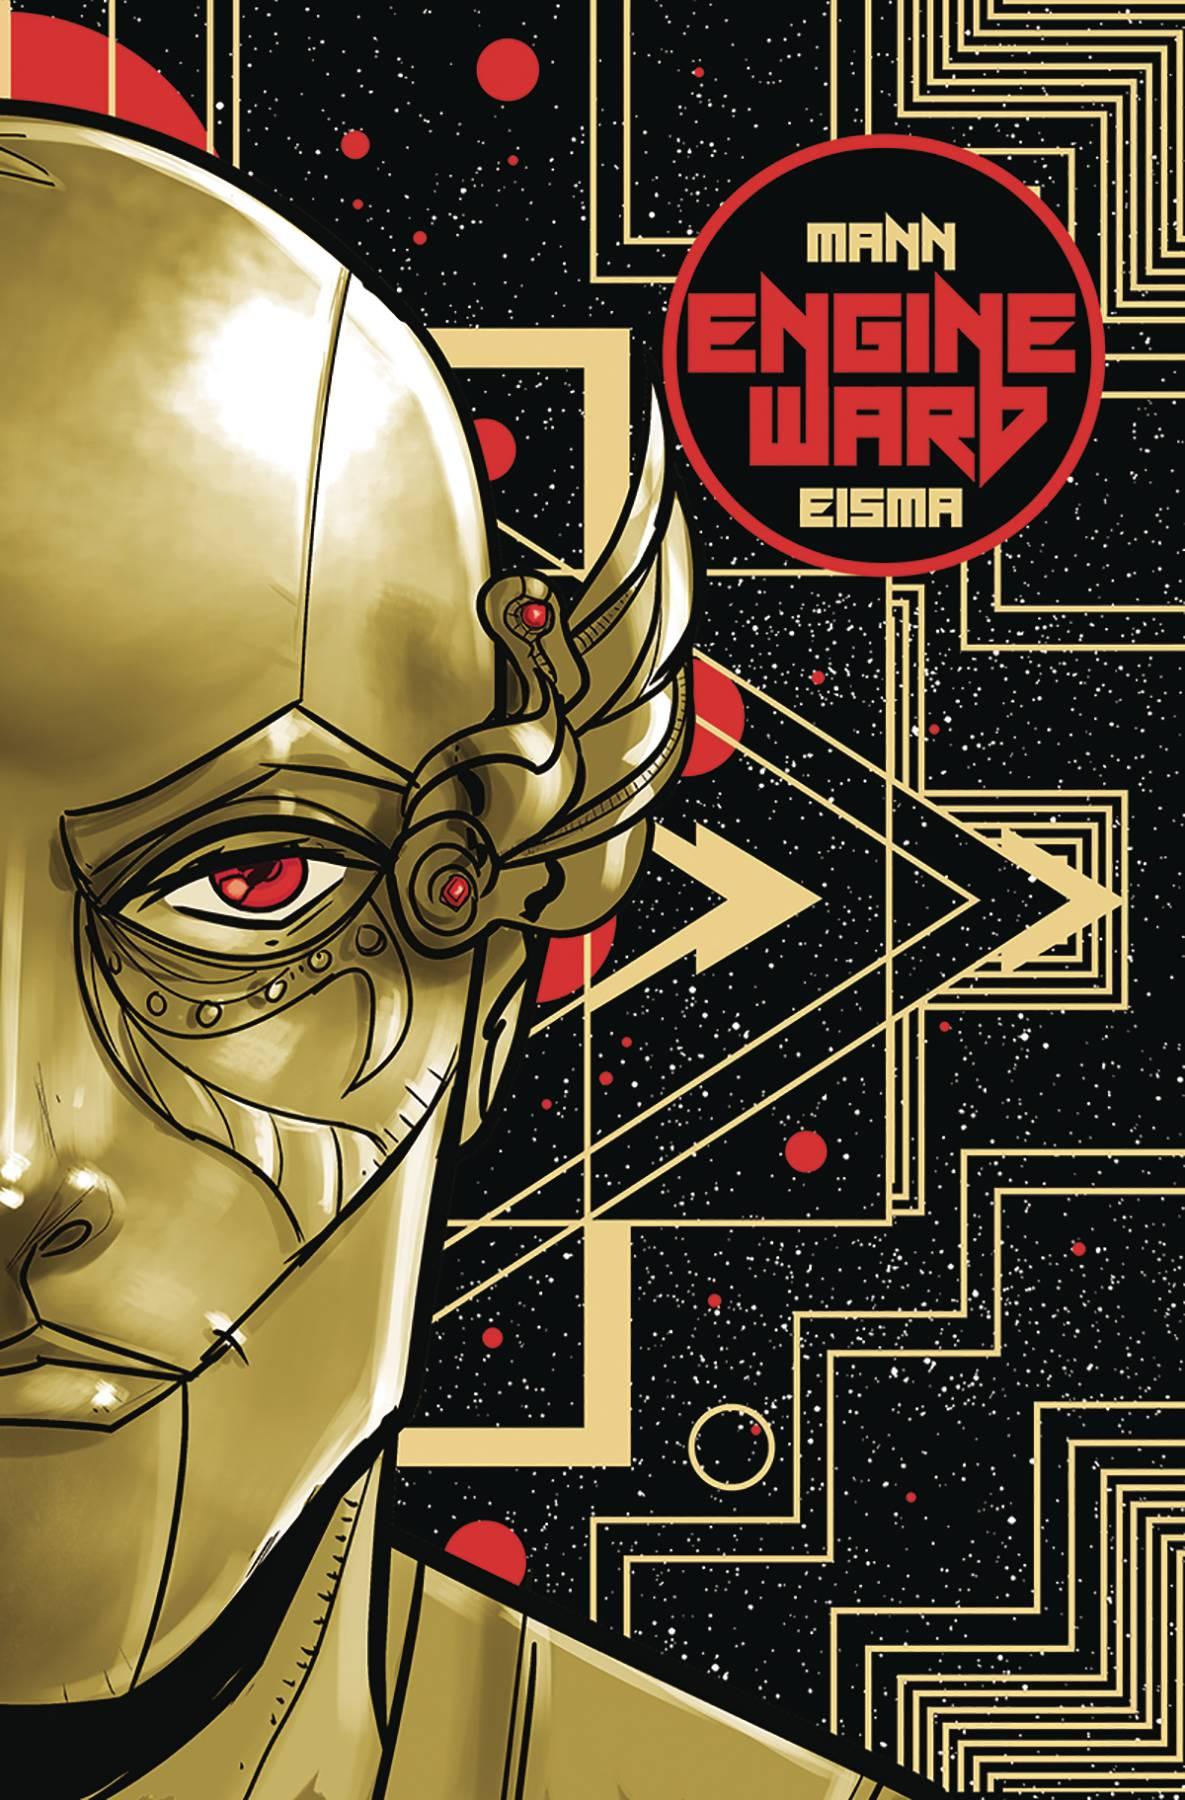 Engineward #1 (2020)